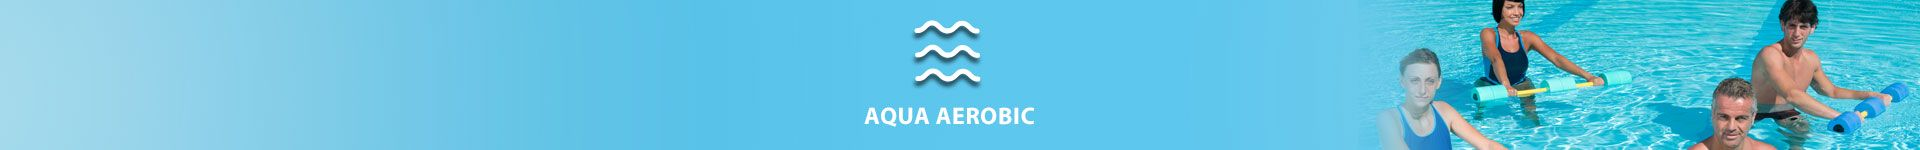 aqua aerobic